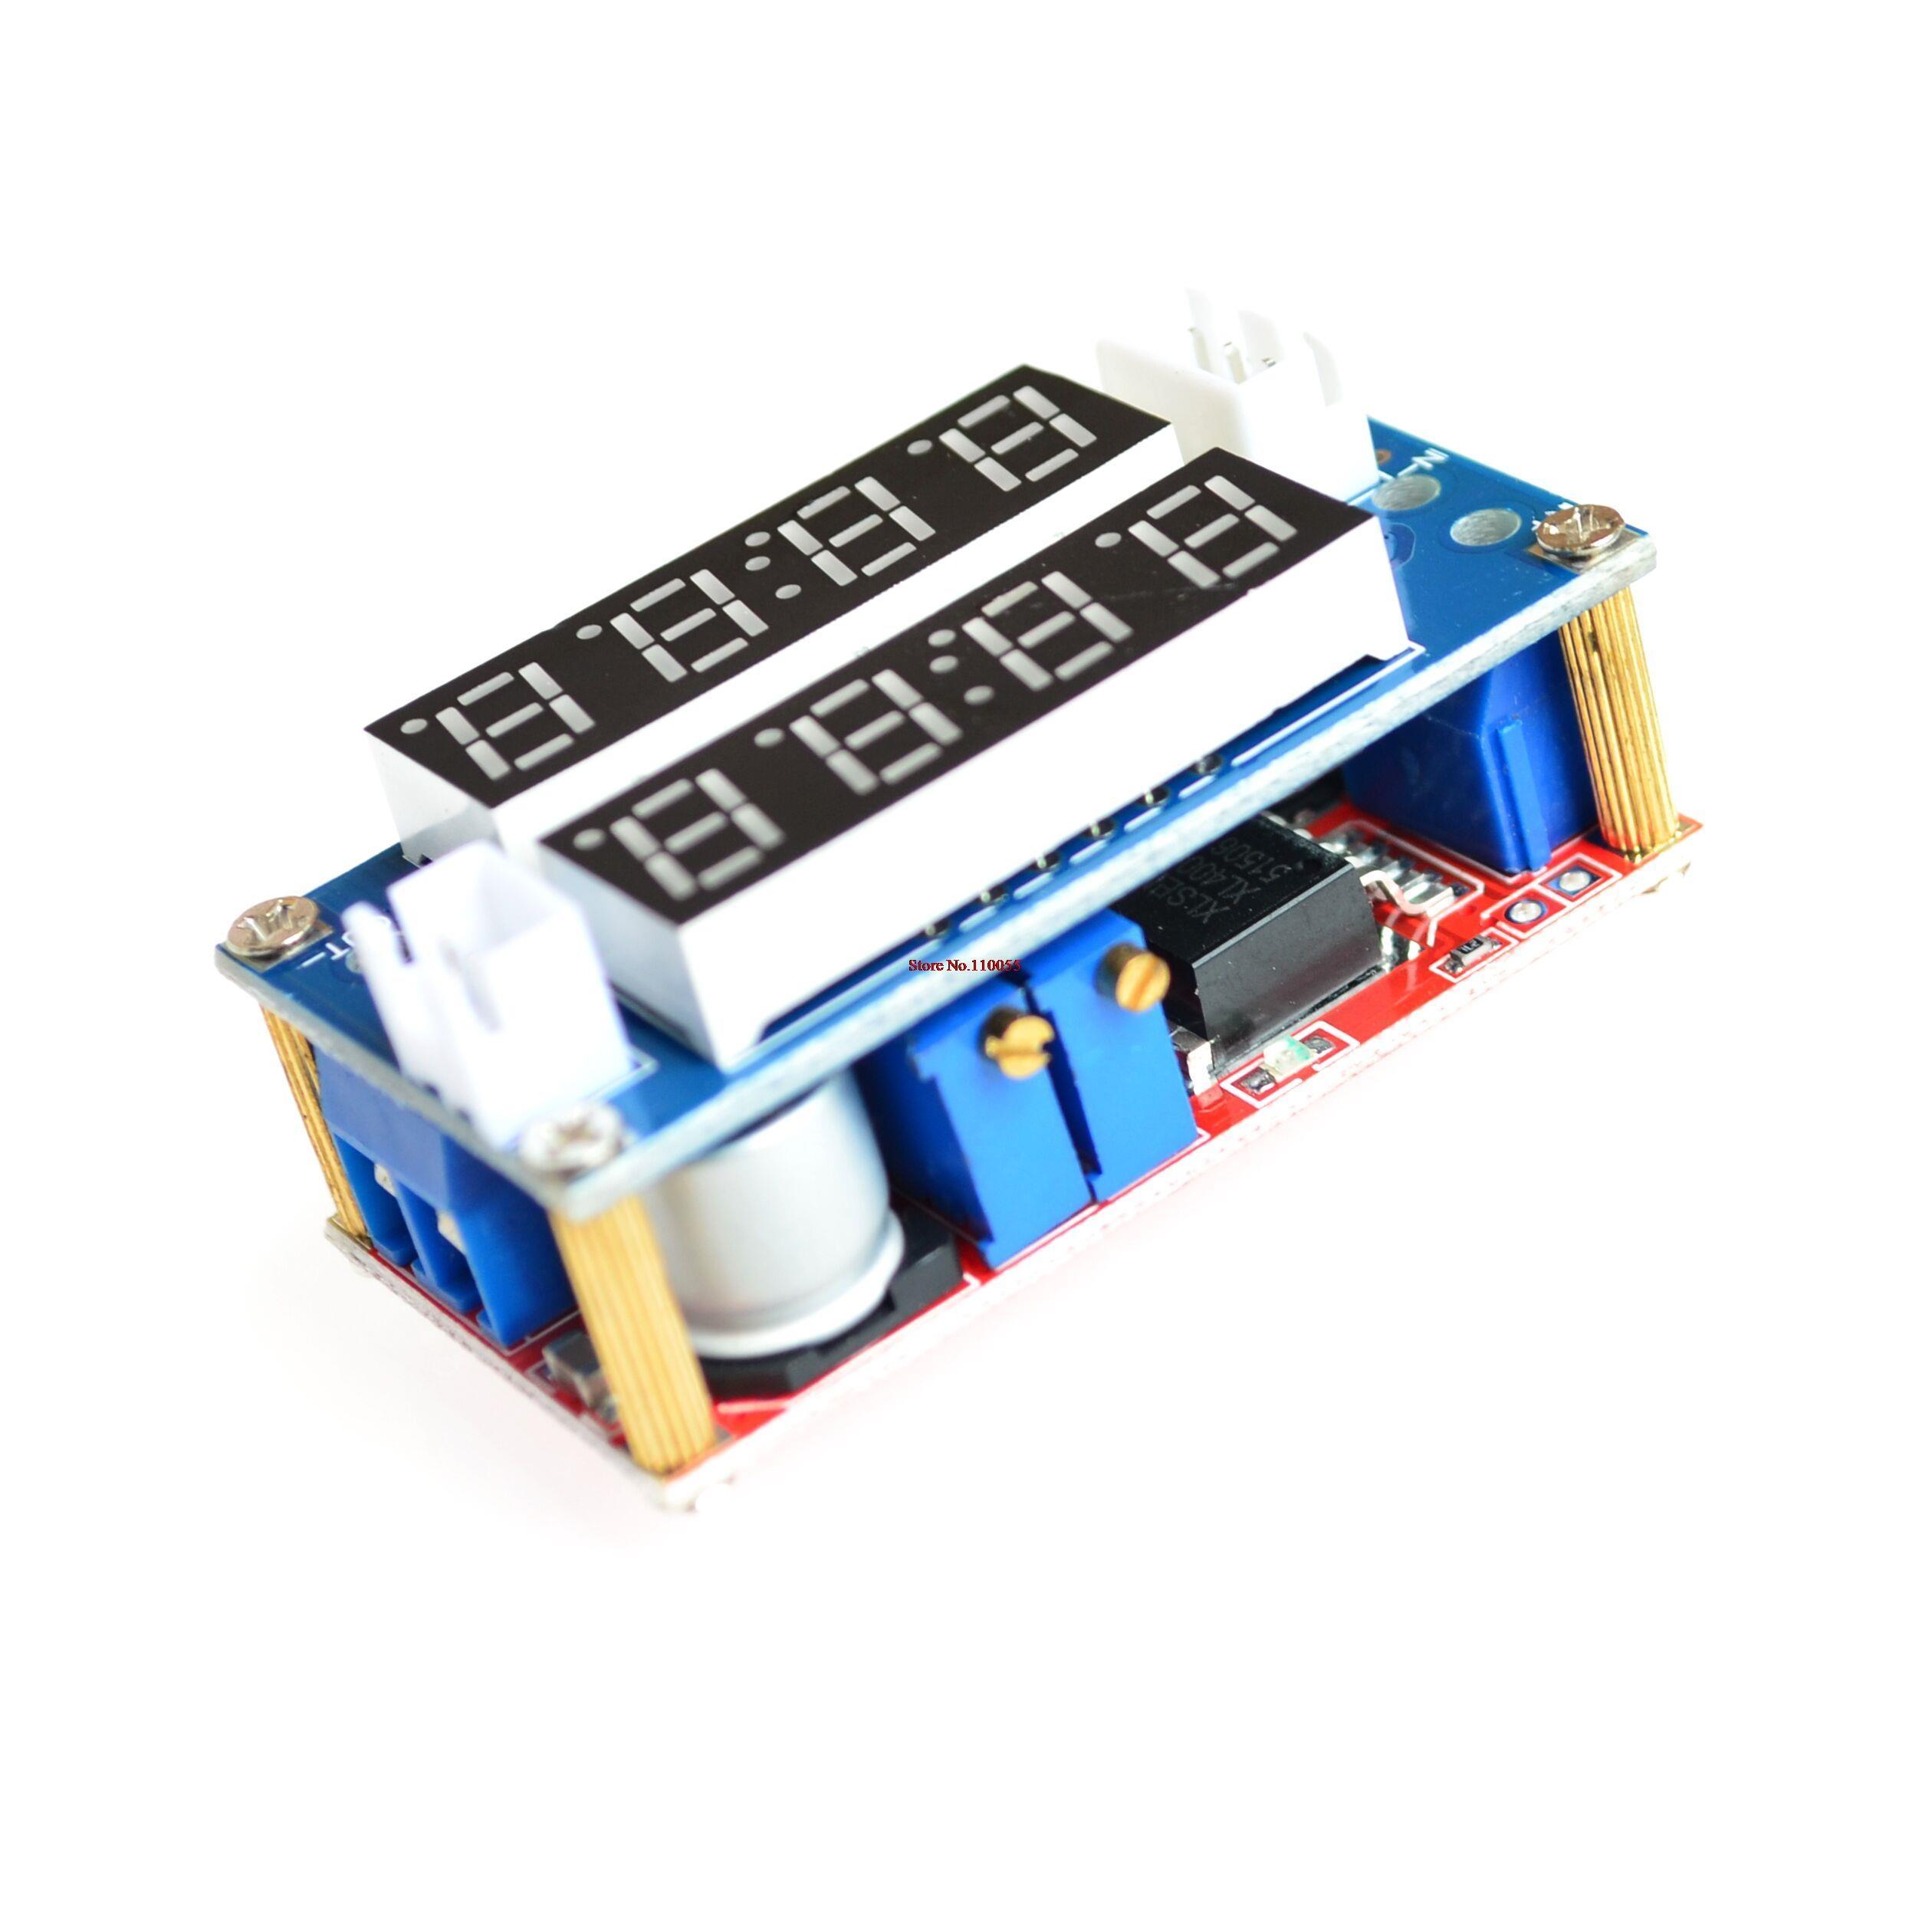 Электронные компоненты и материалы 5 /tk1210